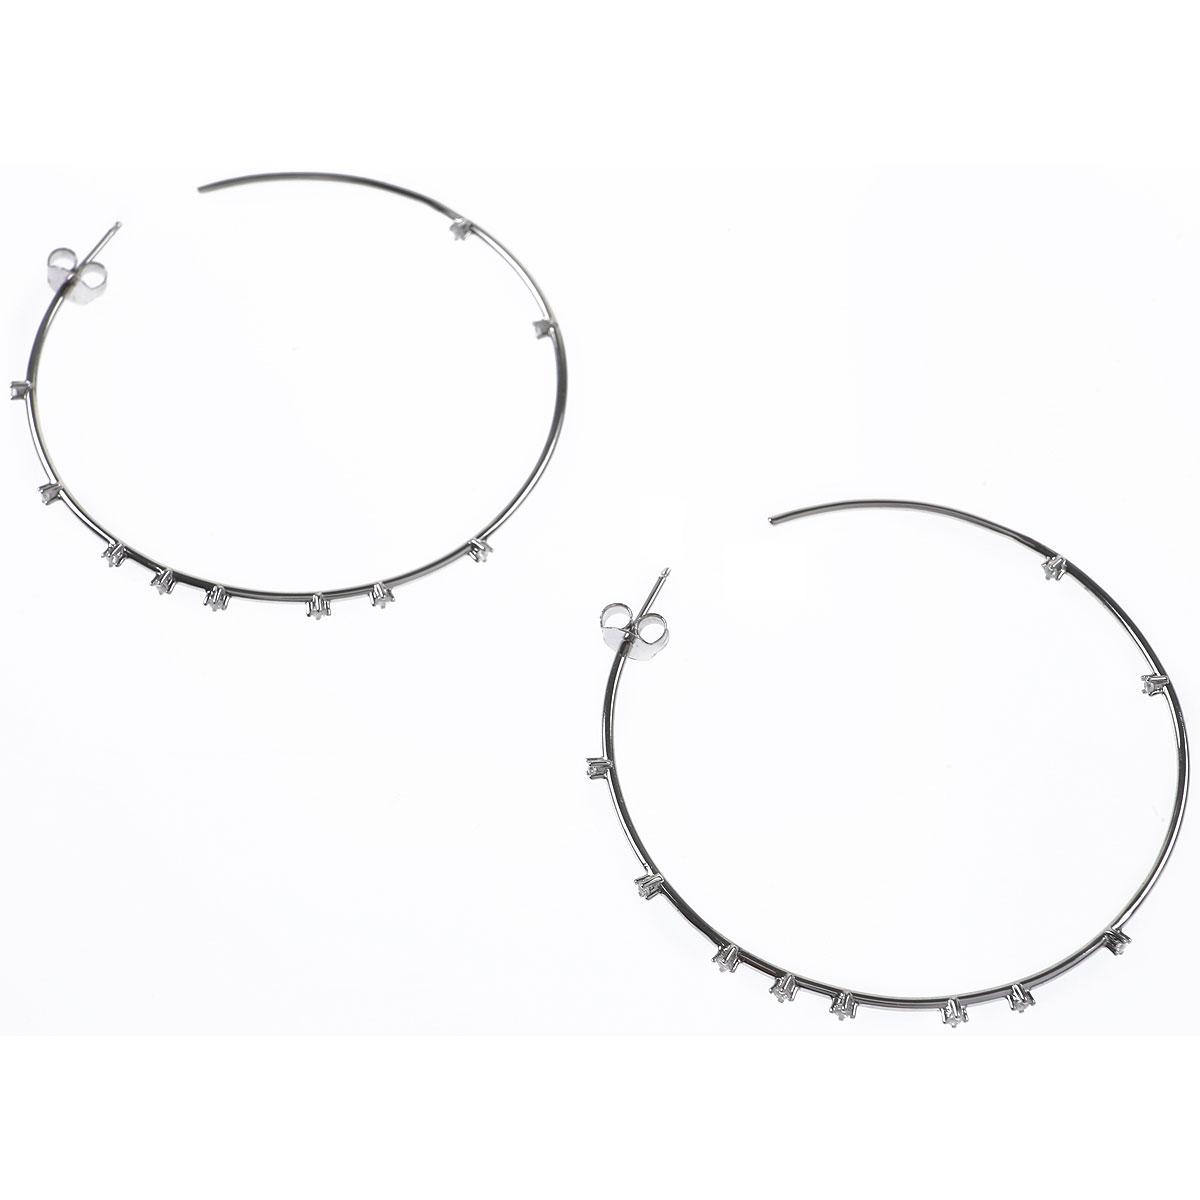 Francesca Angelone Earrings for Women, Silver, Silver 925, 2019